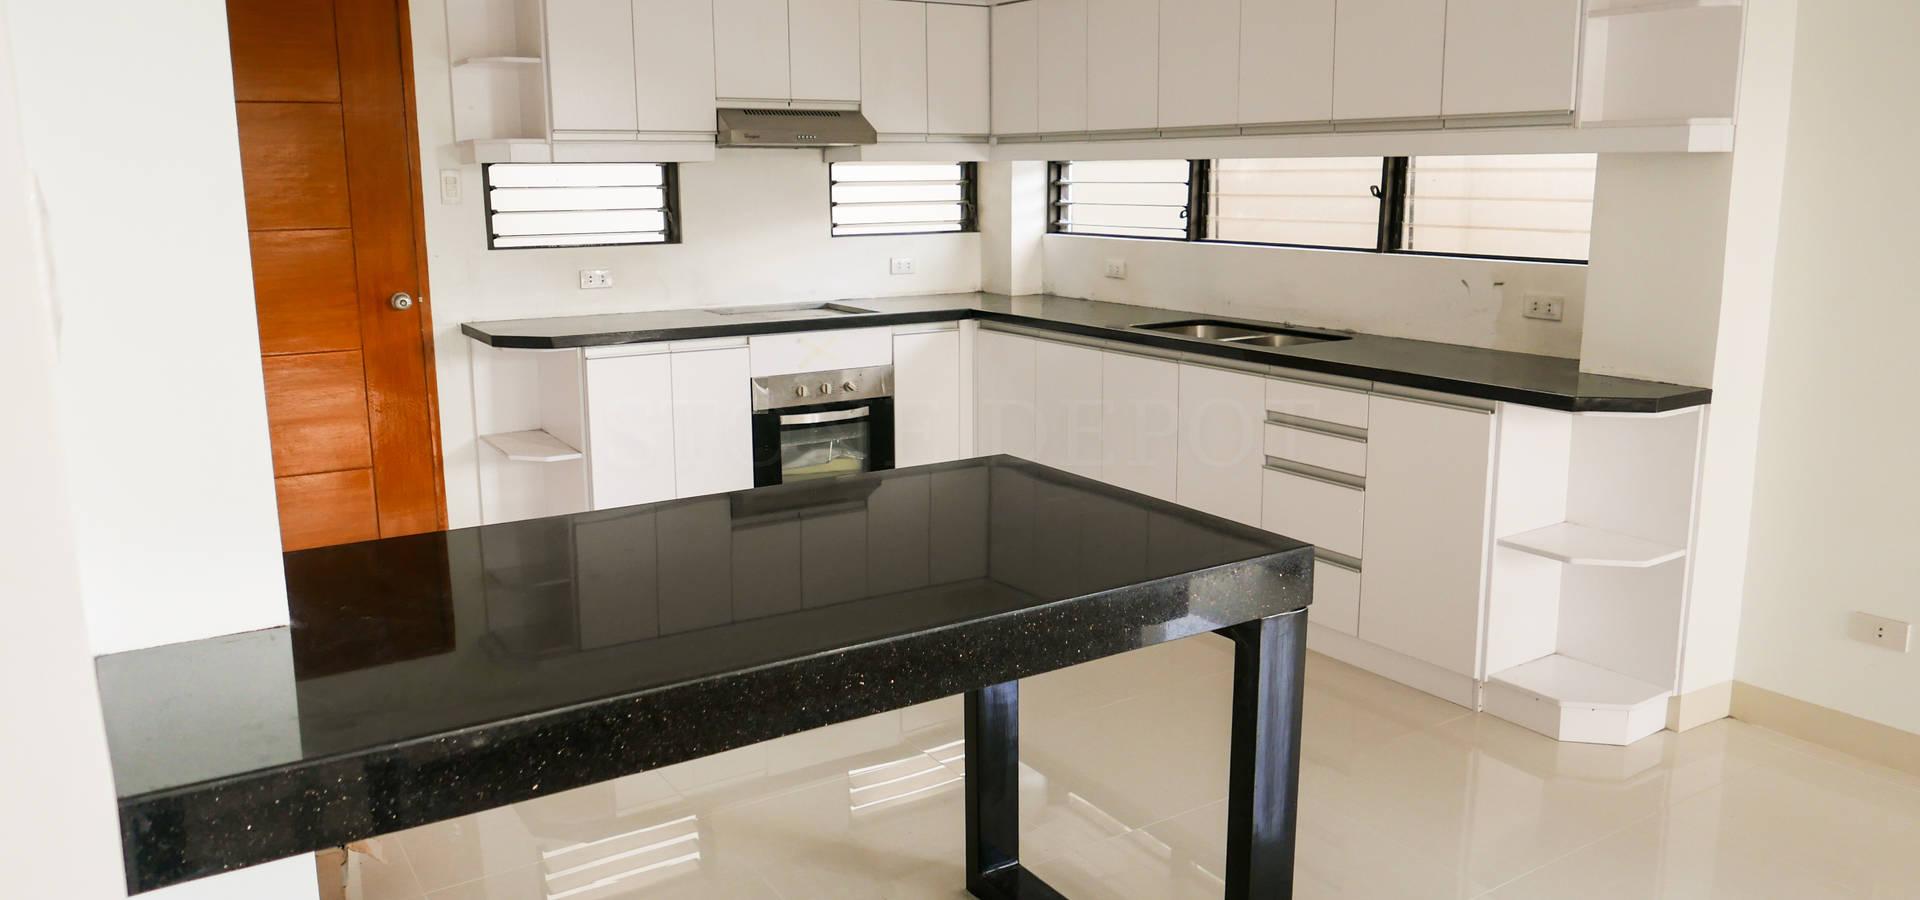 Absolute Black Granite Kitchen Countertop In Mandaue City Homify